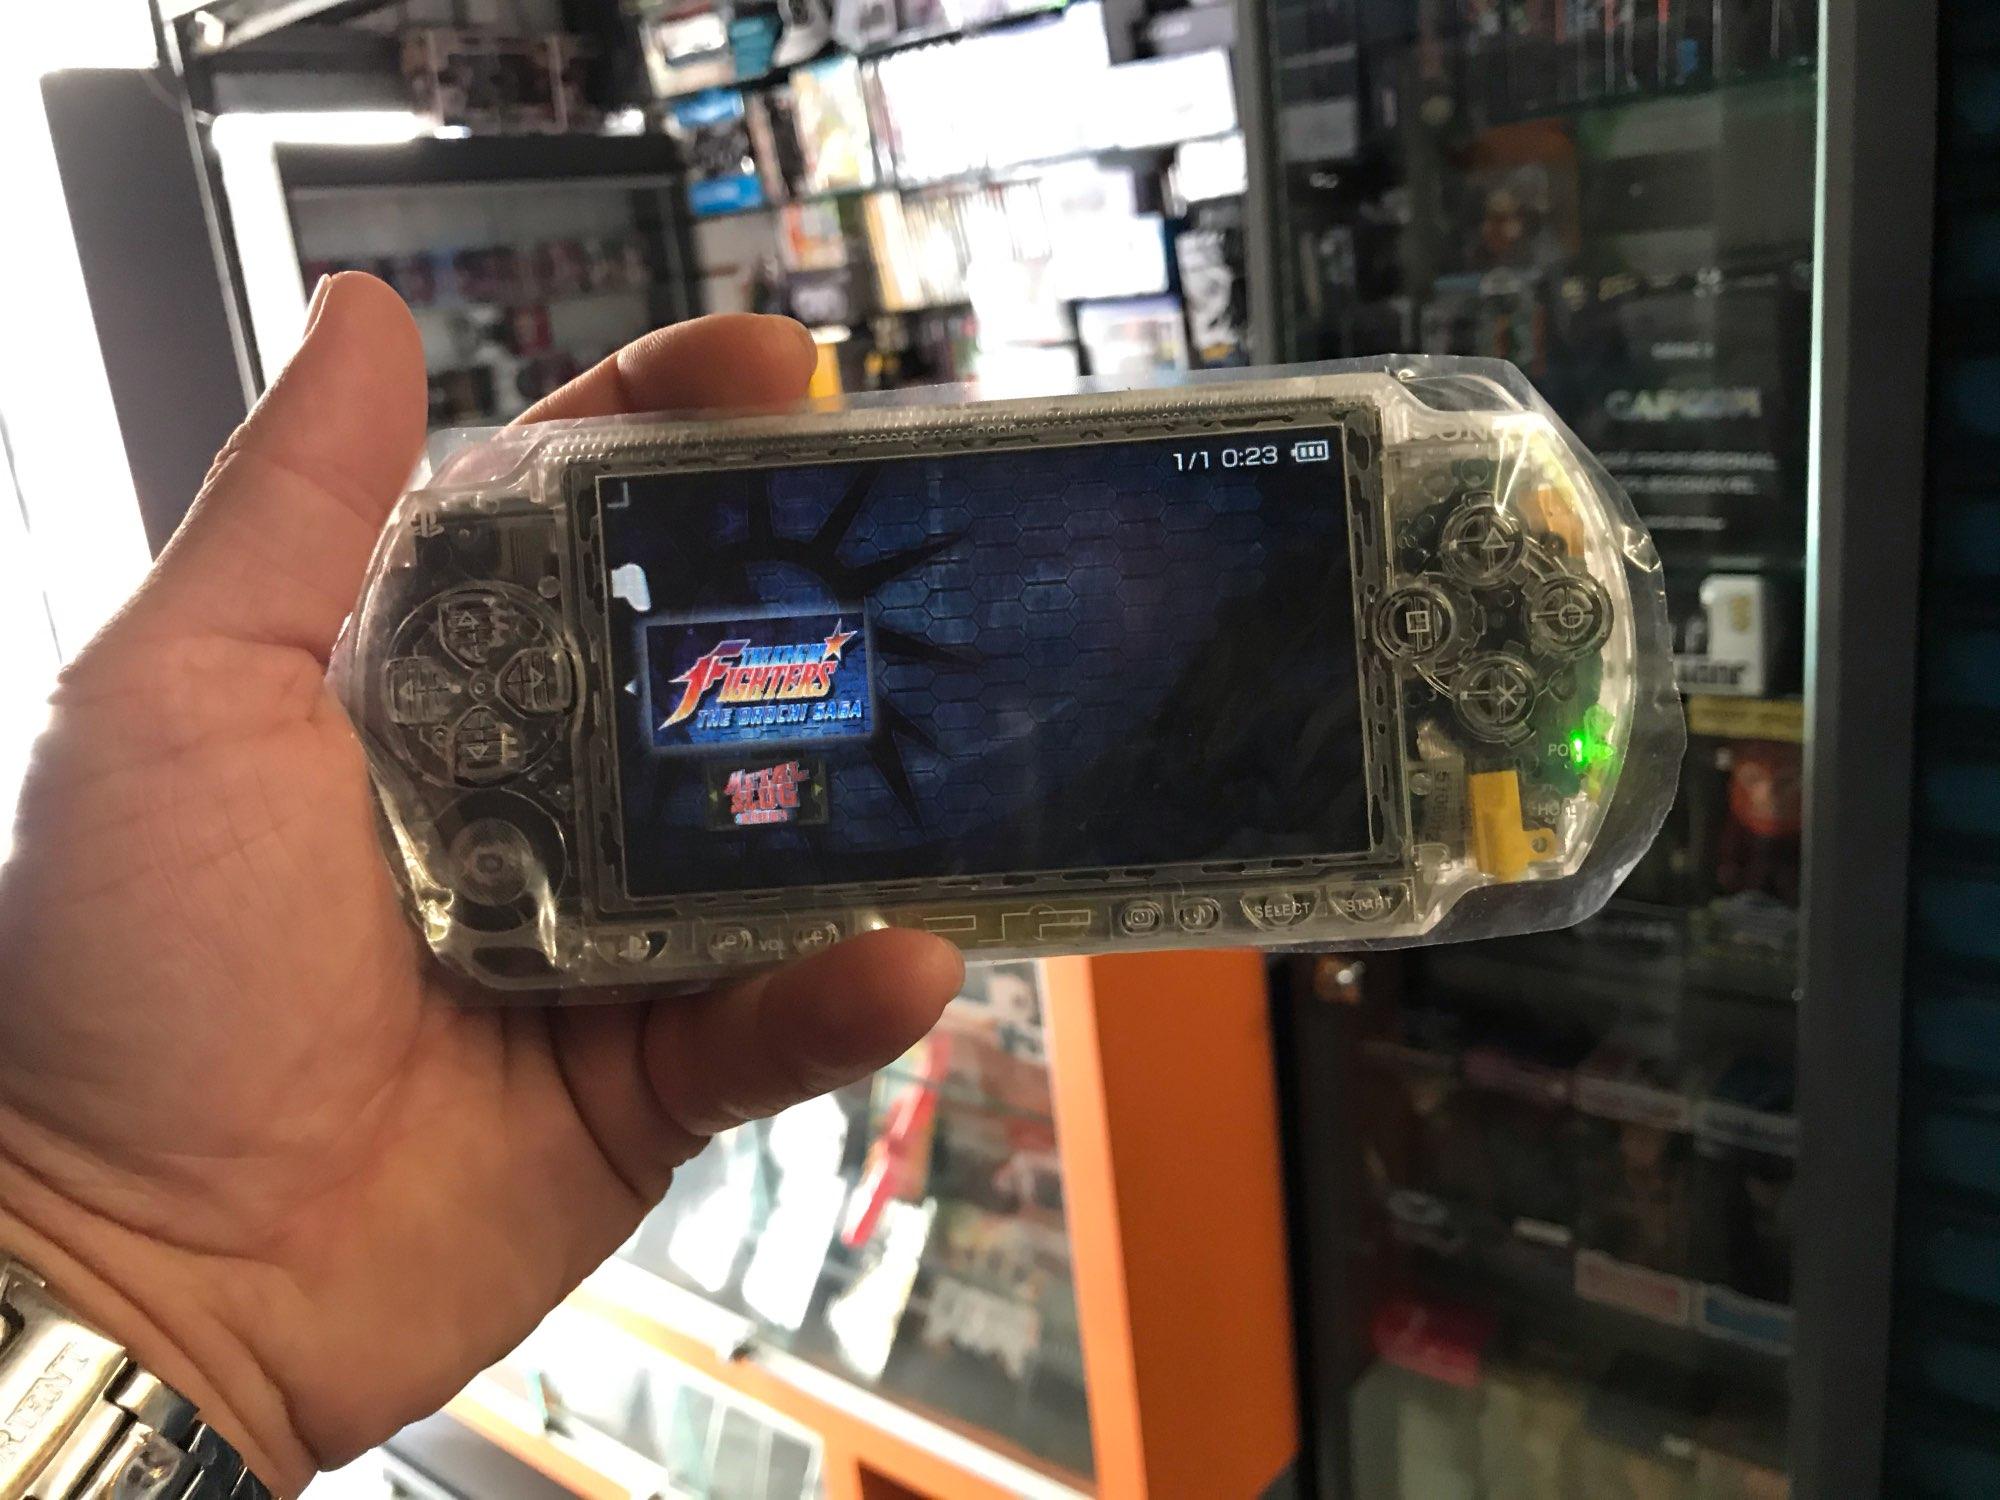 Consola de juegos Retro Sony Psp-1000 Psp 1000, reacondicionamiento profesional, consola de juegos portátil